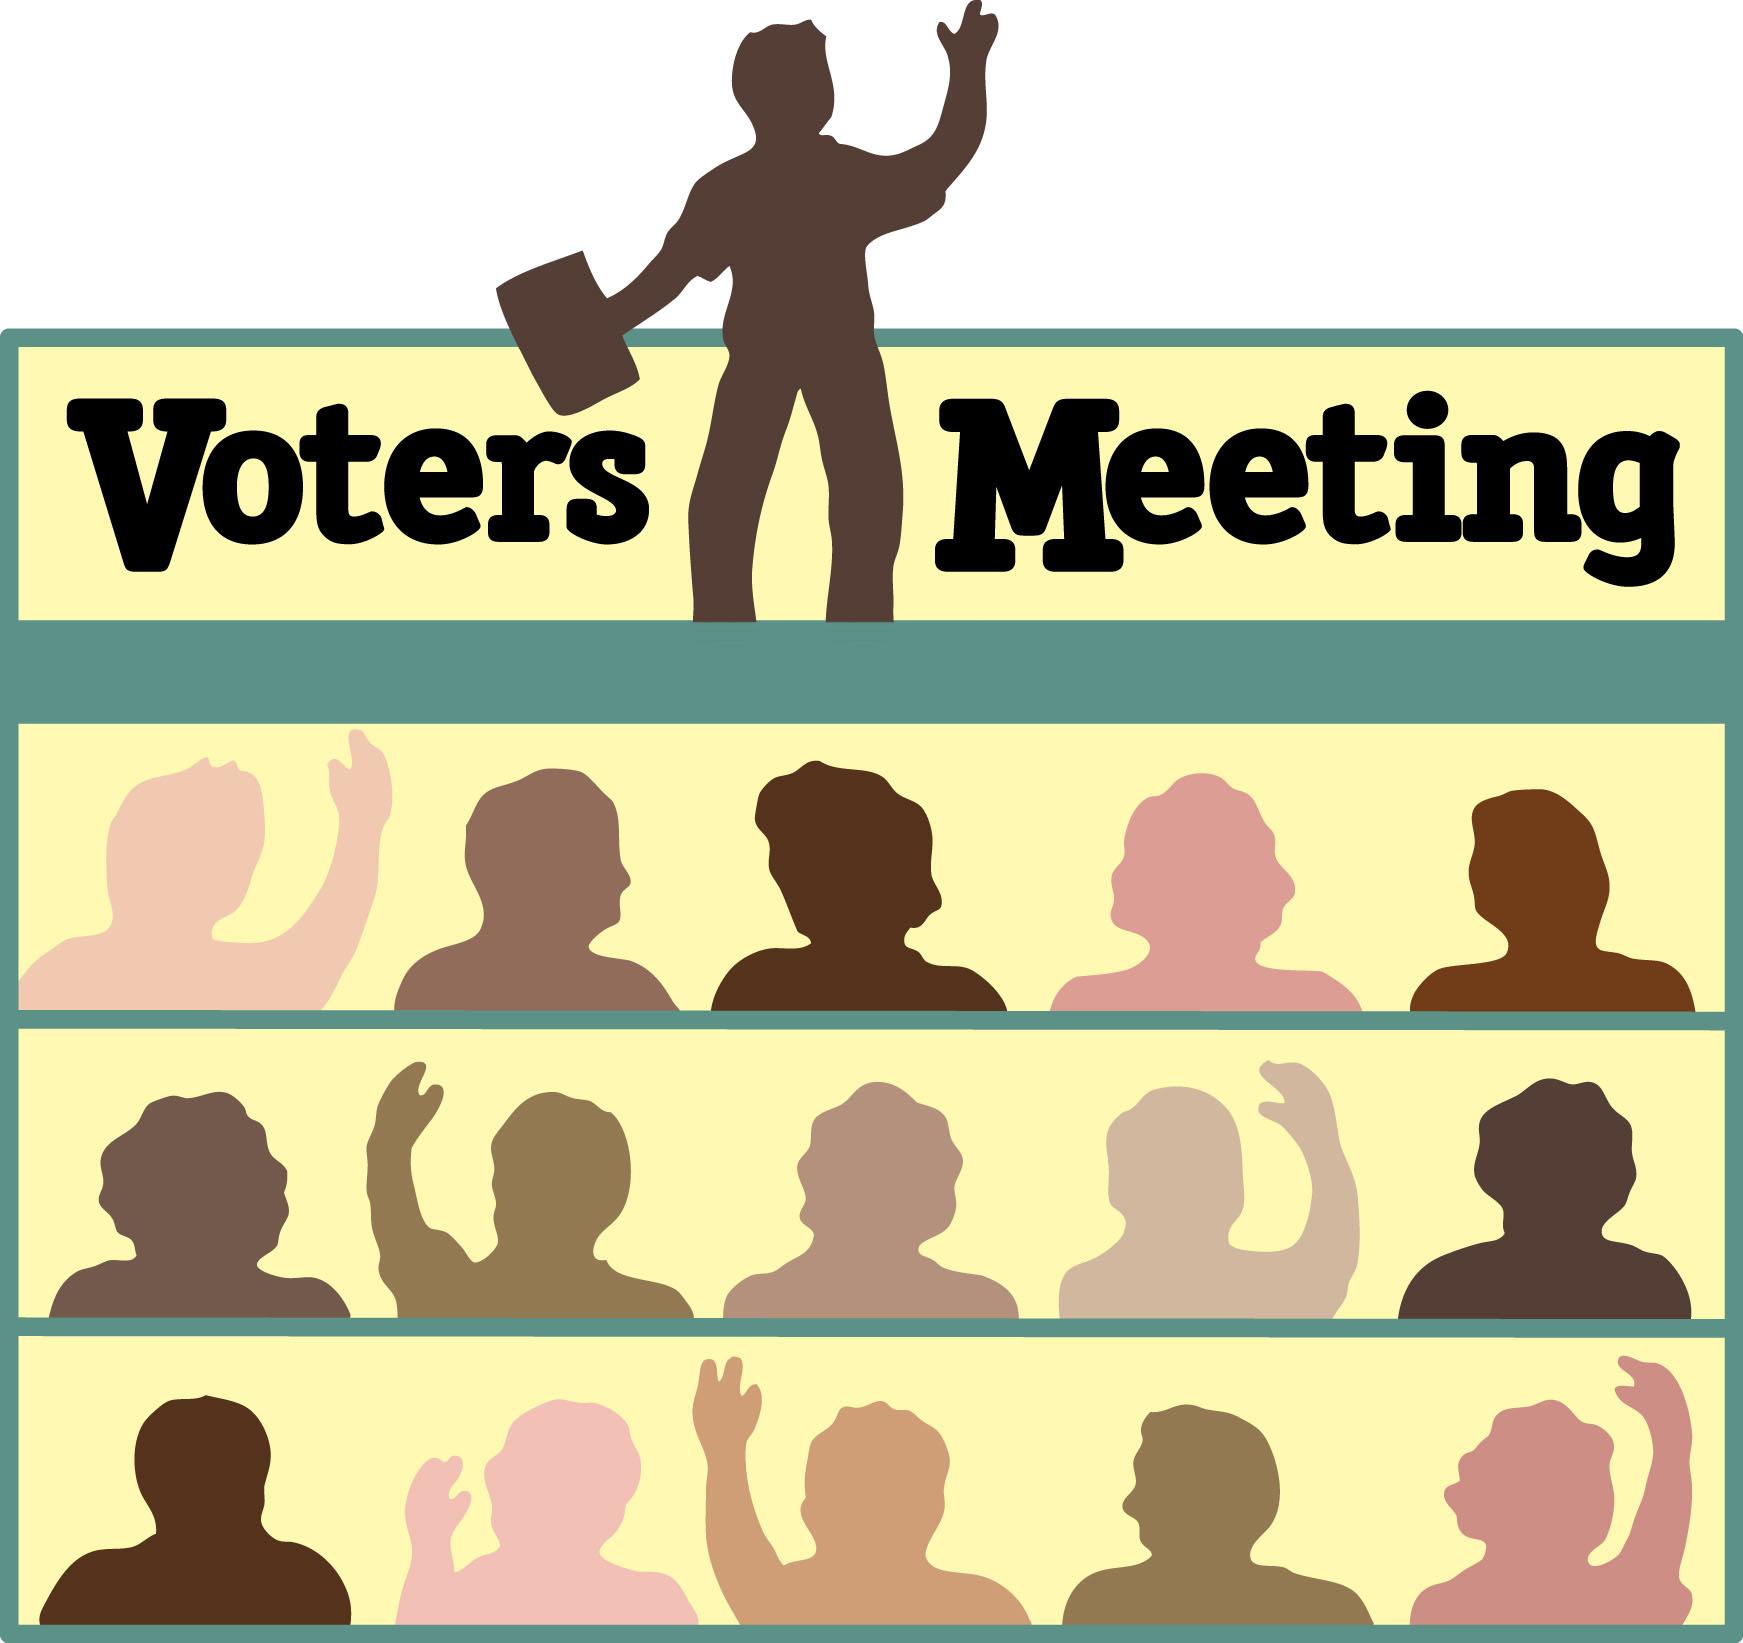 S june st john. Voting clipart voter meeting